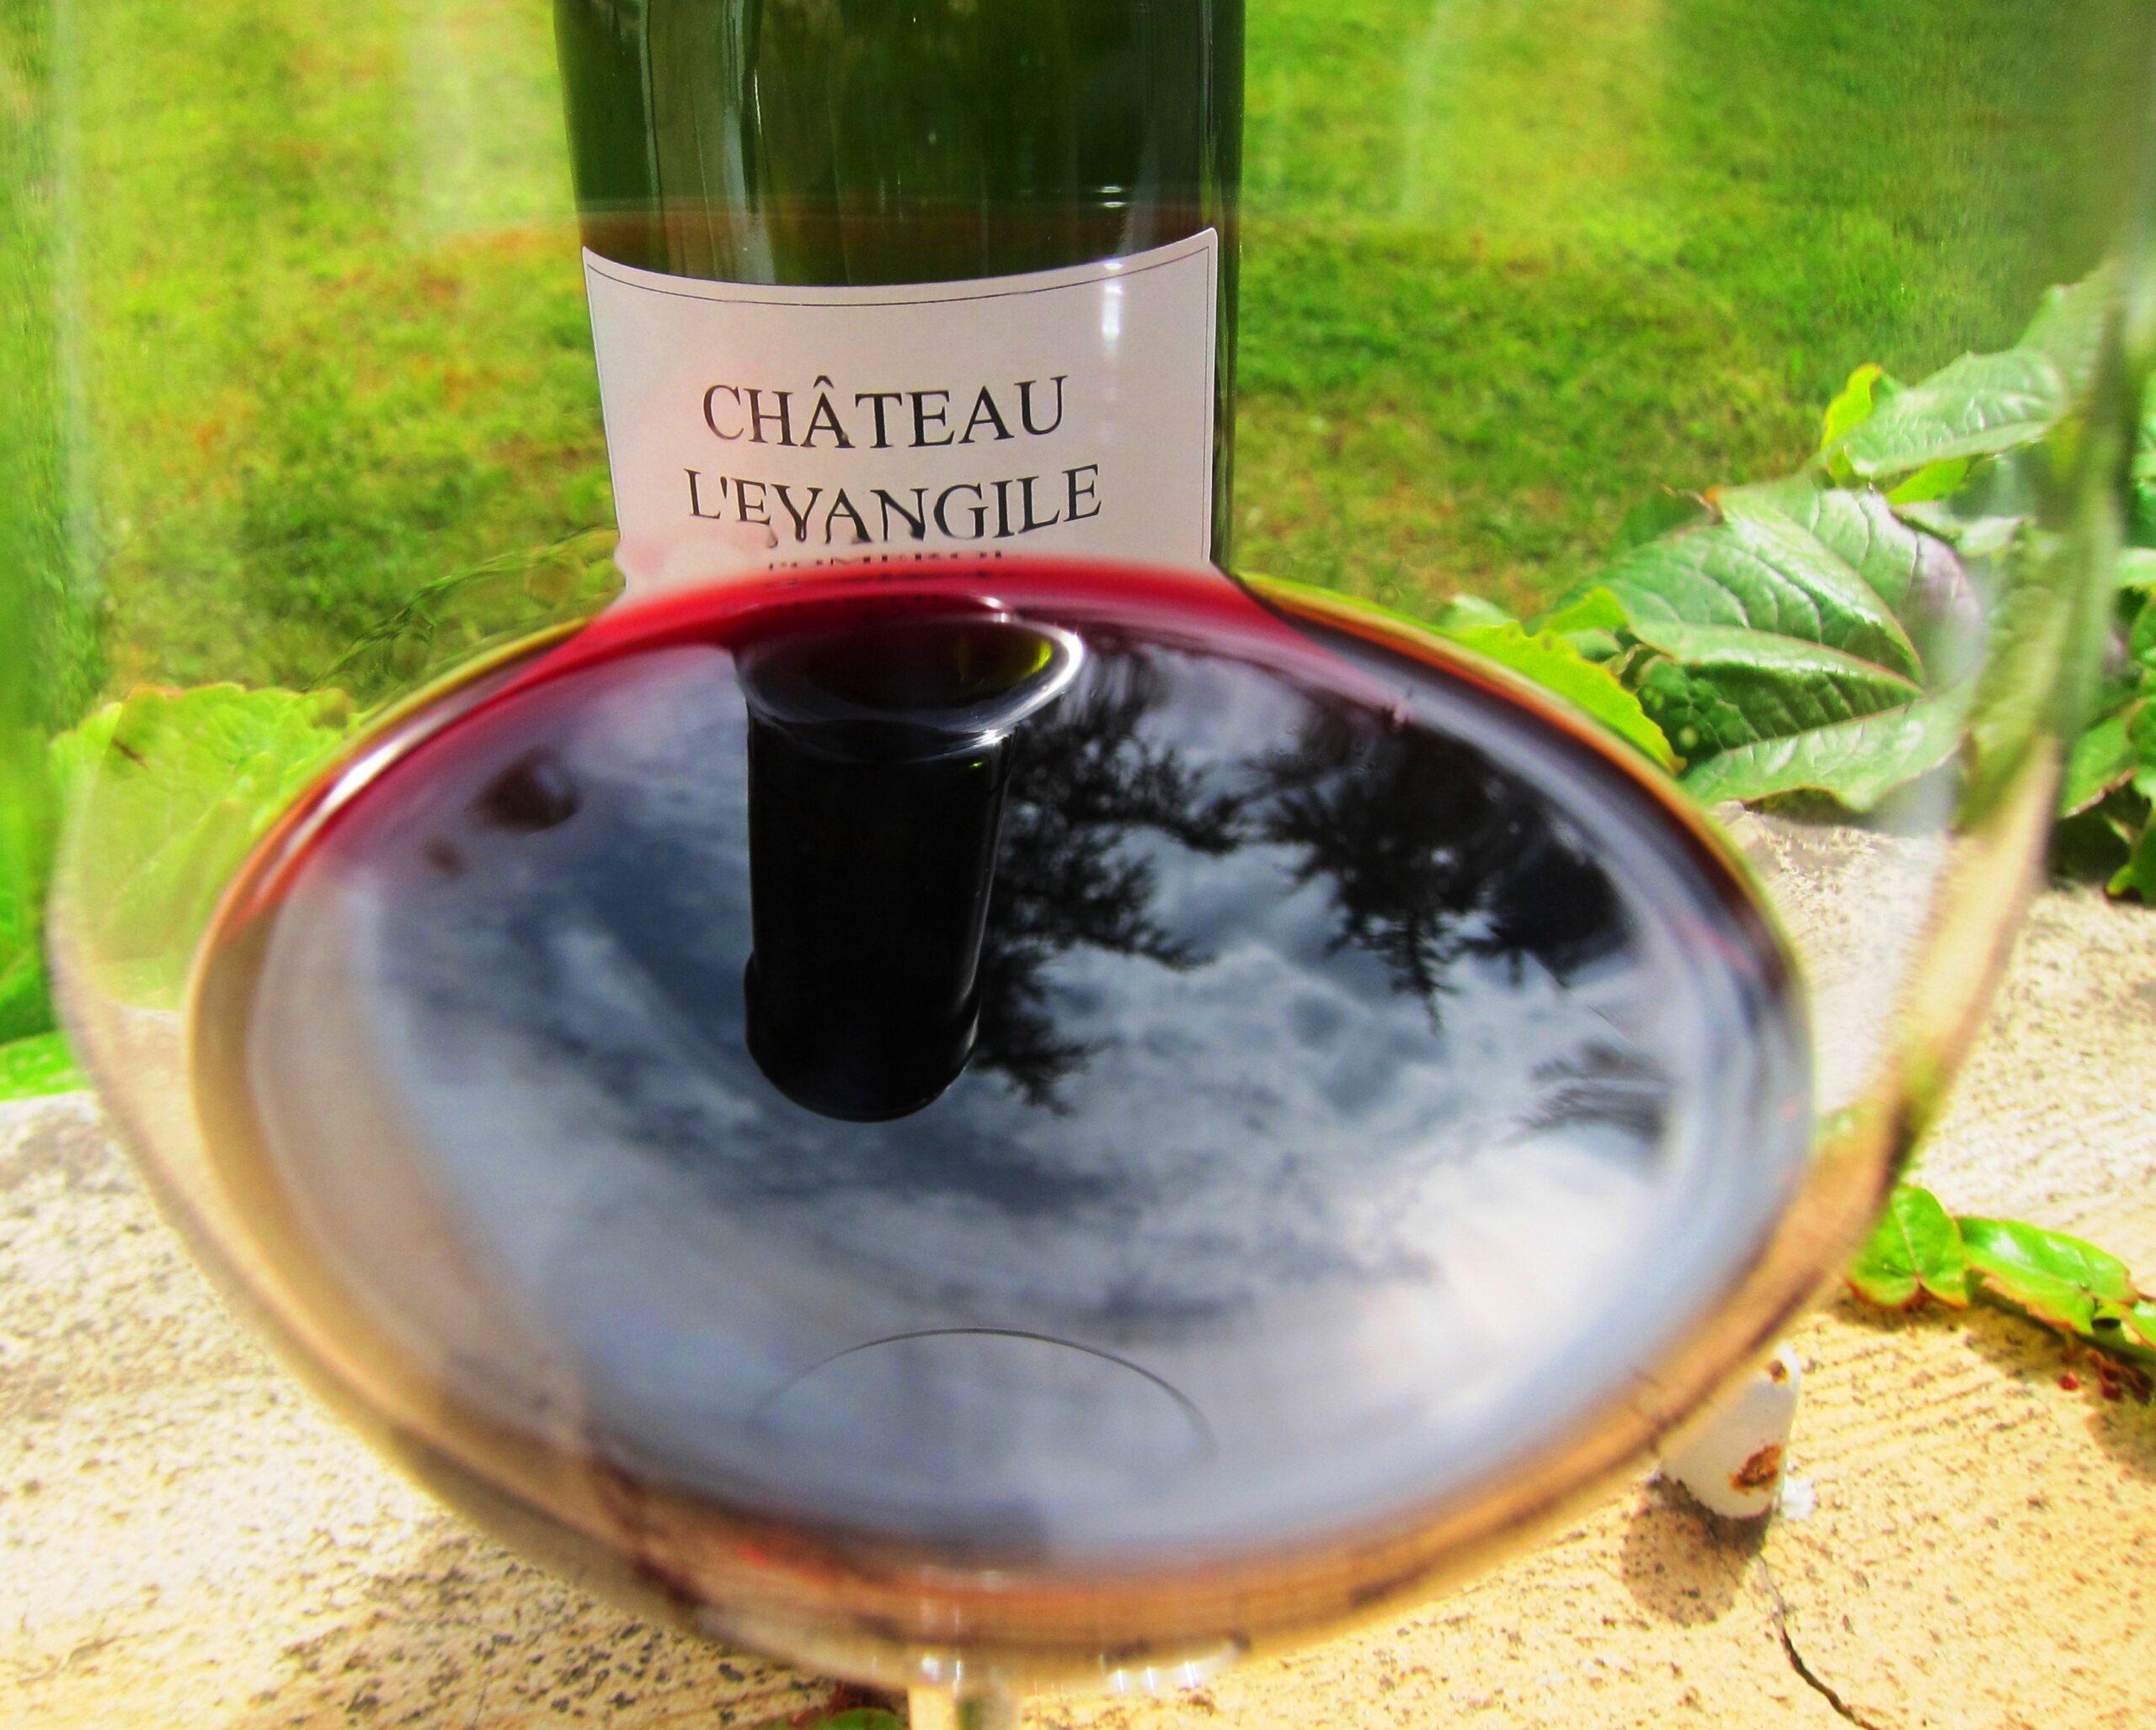 2010 L'Evangile Pomerol Bordeaux has it improved since April?